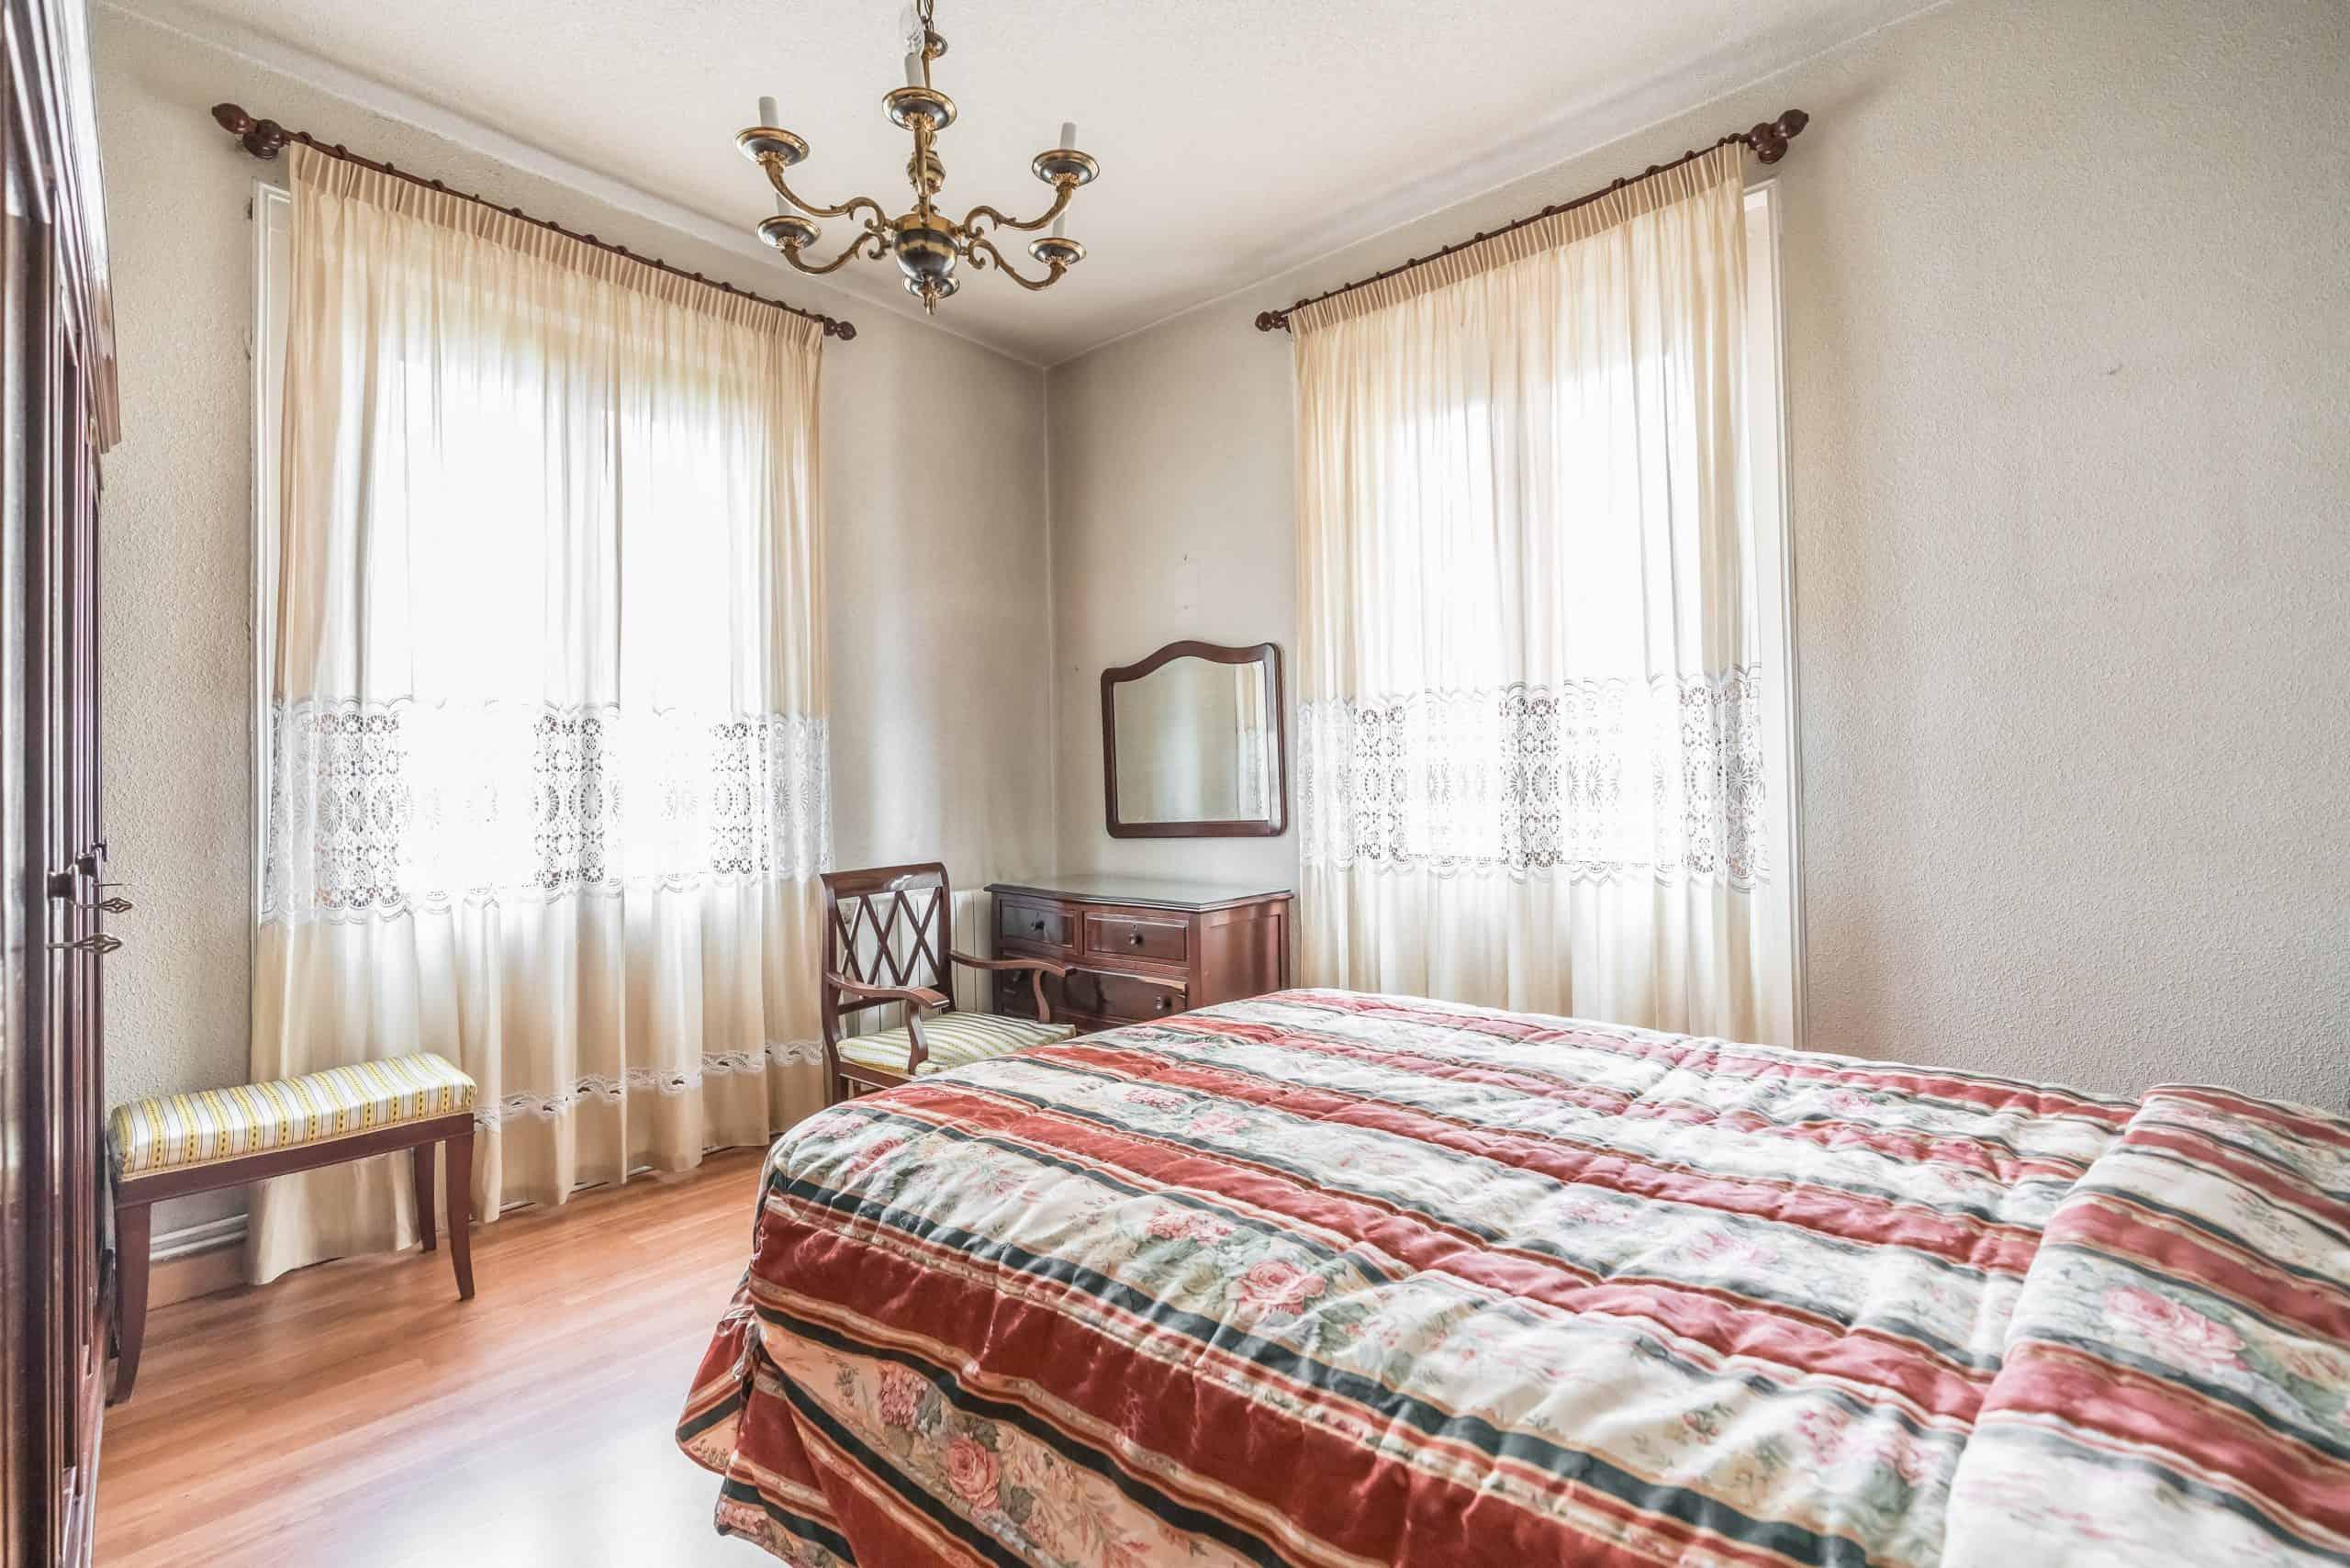 2 DORMITORIO1 (3) (Copy) Agencia Inmobiliaria de Madrid-FUTUROCASA-Zona ARGANZUELA-